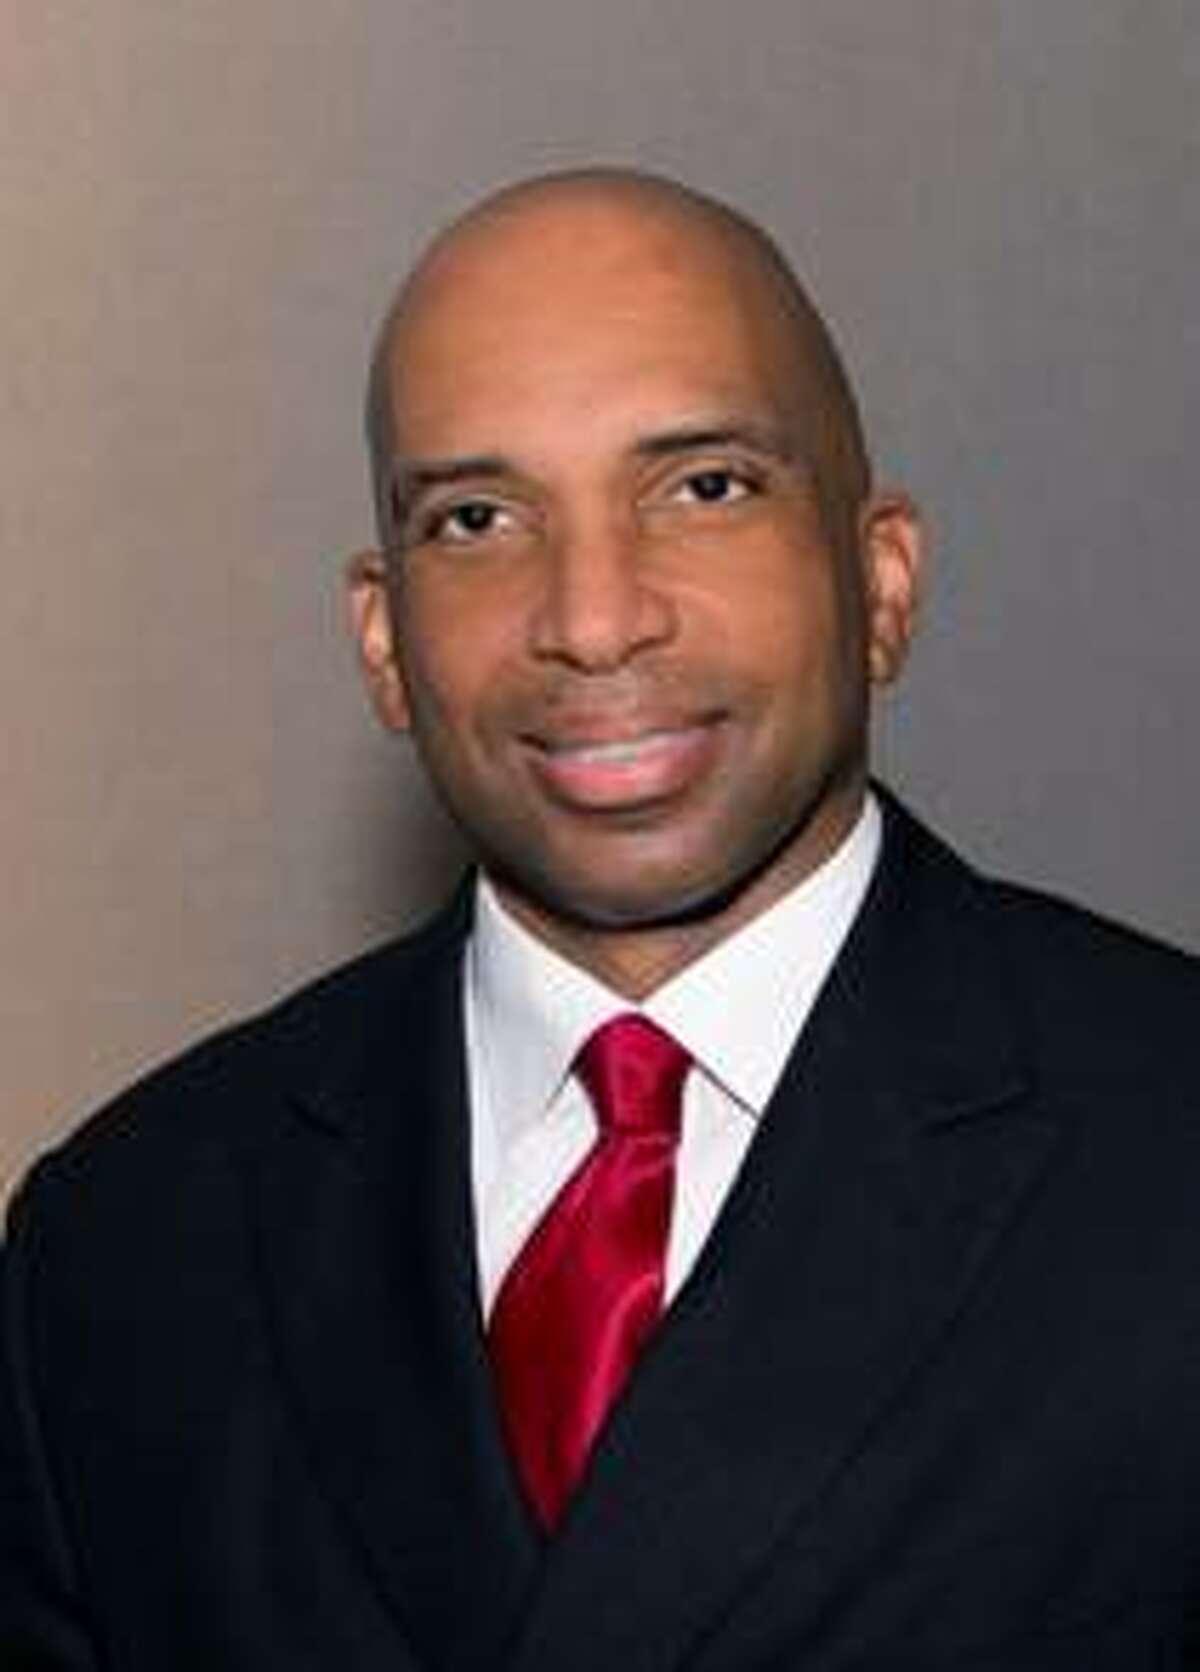 Mark Porterie, Port Arthur ISD Superintendent